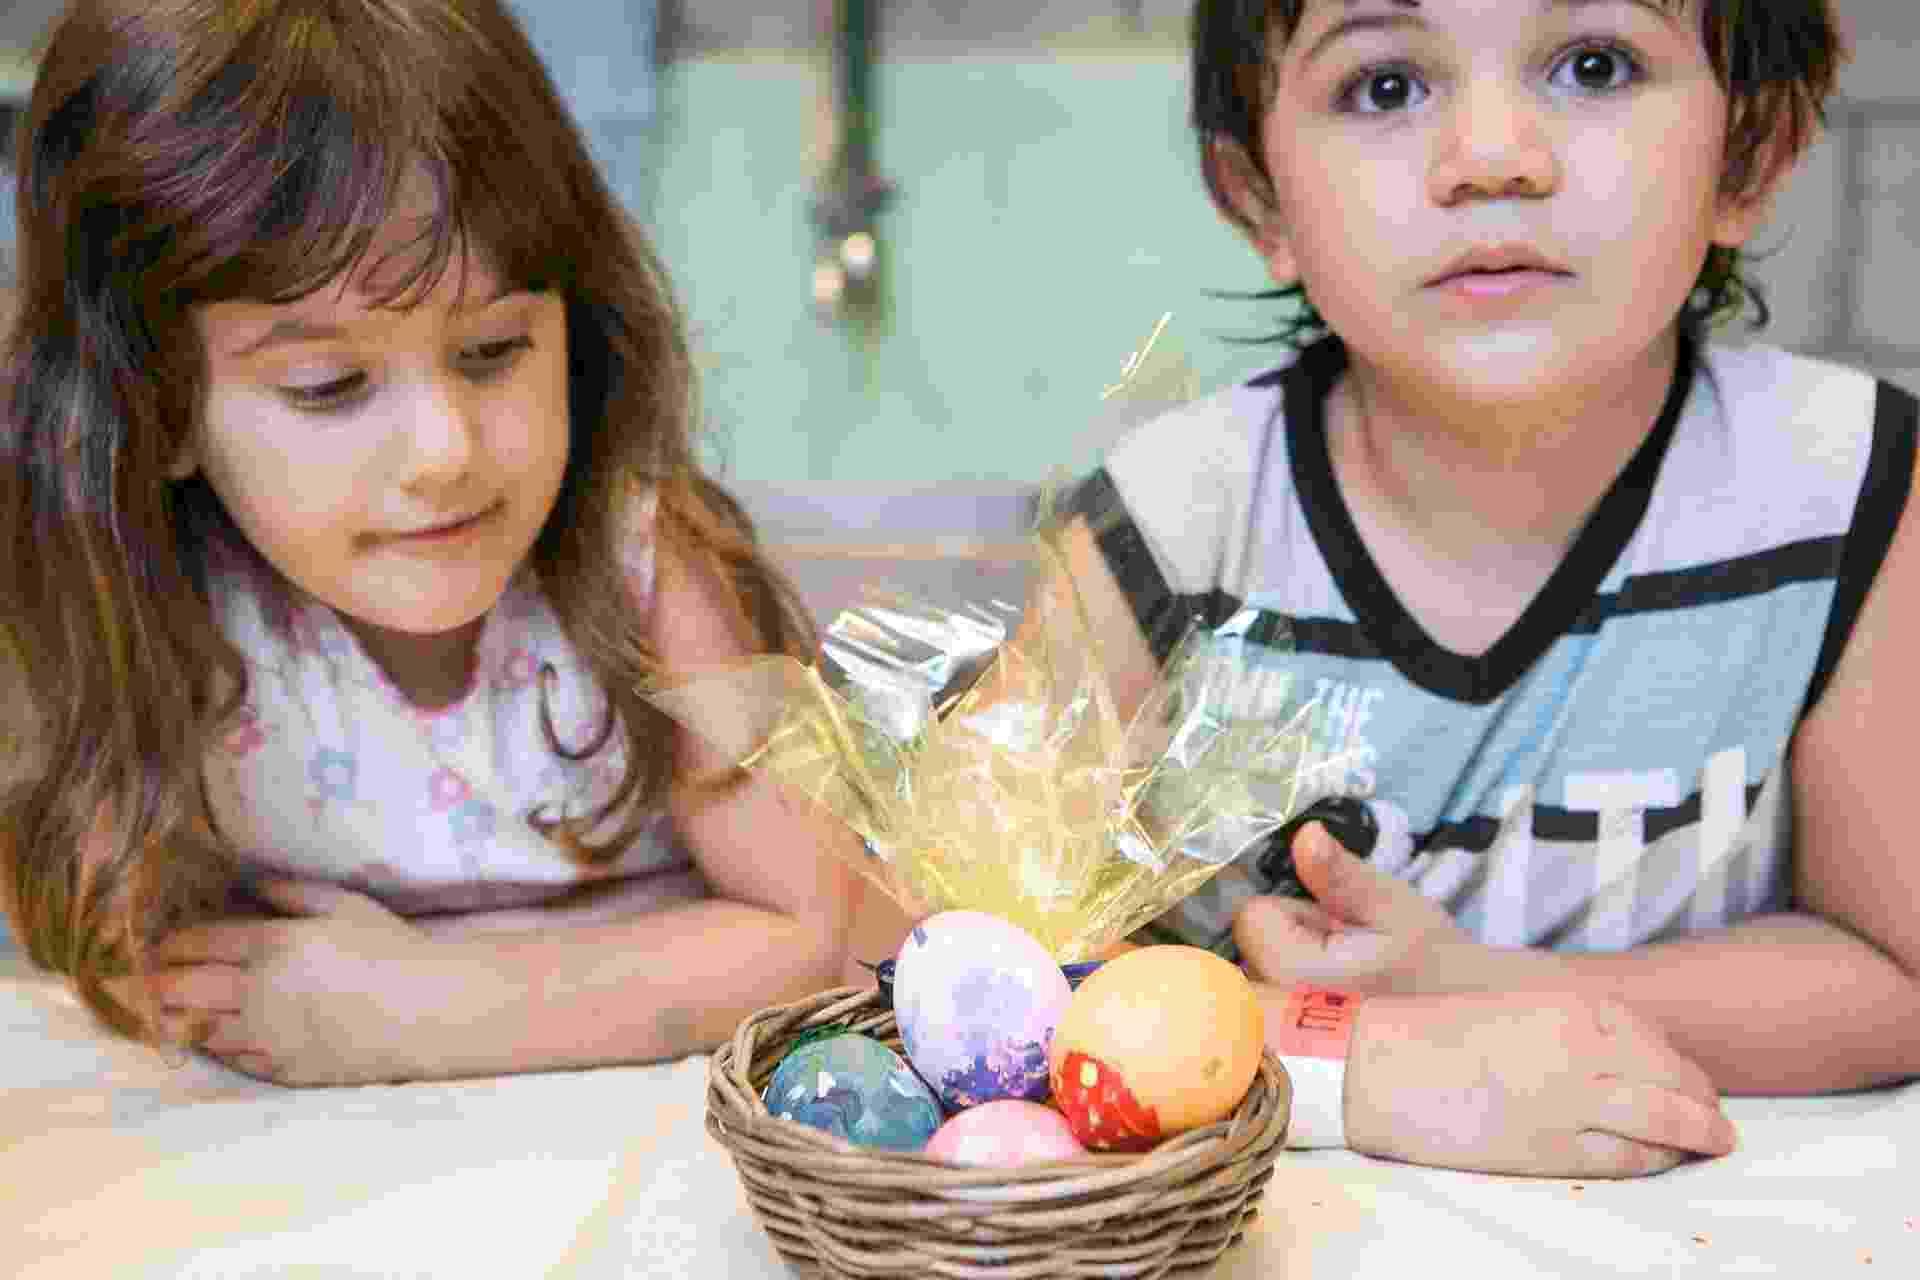 Para a Páscoa de 2014, que acontece no dia 20 de abril, o UOL vai ensinar, passo a passo, uma forma diferente de presentear e entreter as crianças: pintando e recheando ovos de galinha. Confira a seguir três técnicas de pintura e duas possibilidades de recheio - Rodrigo Capote/UOL